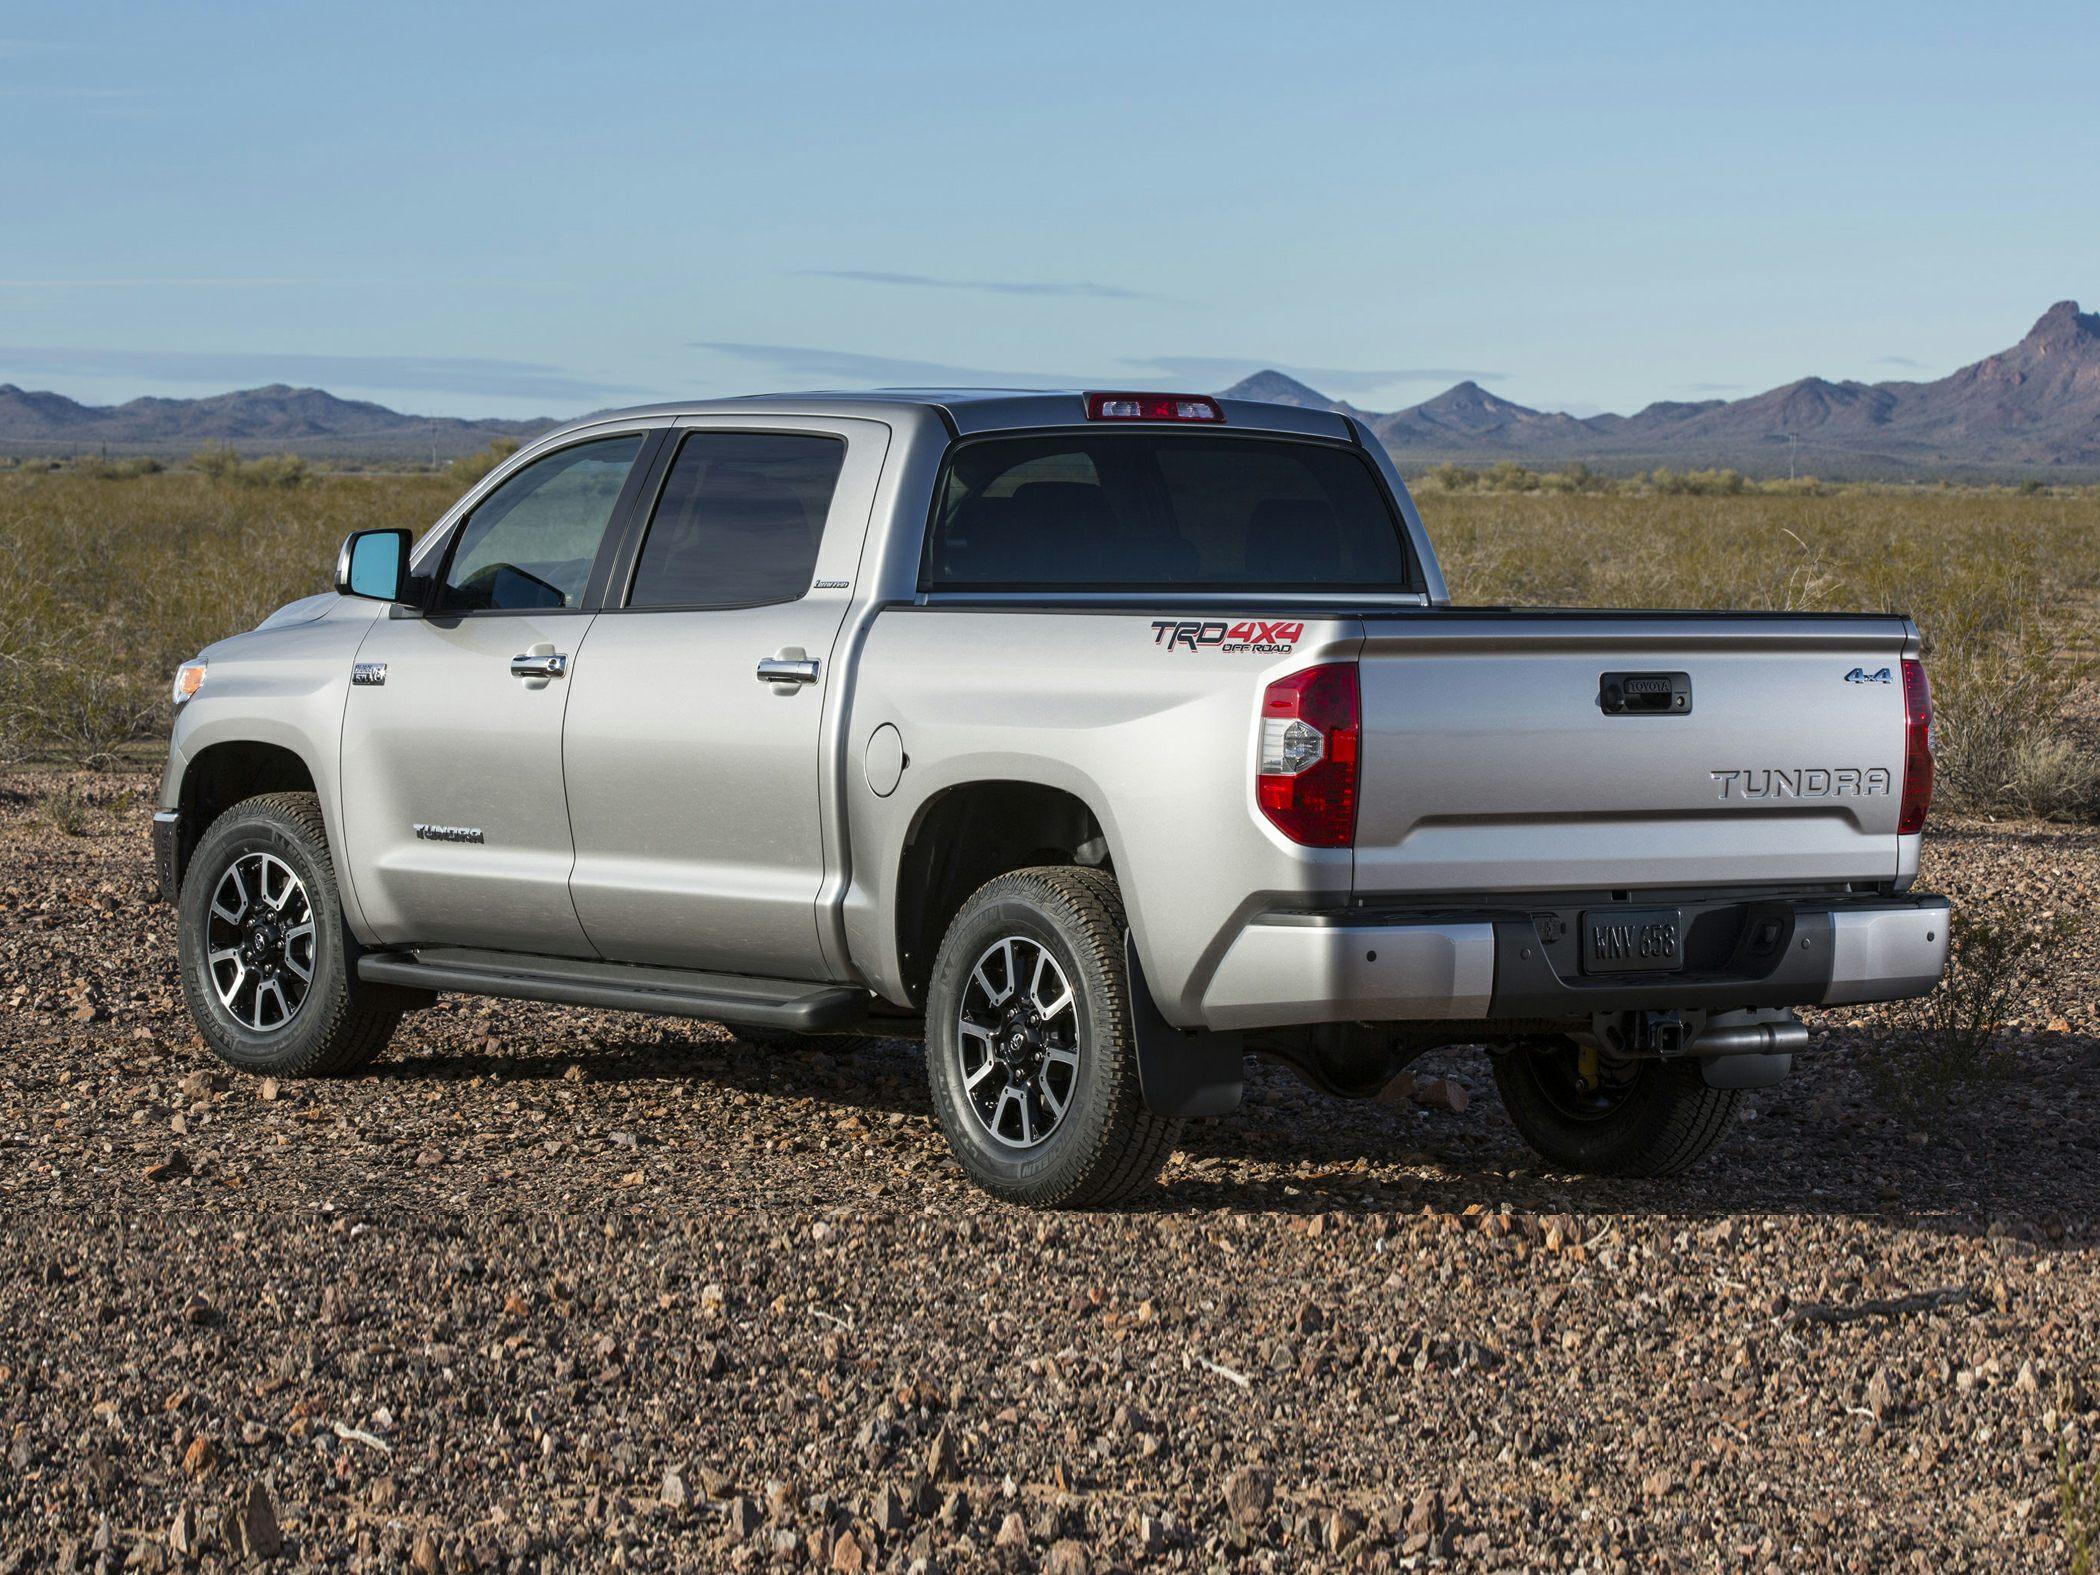 2015 Toyota Tundra Rear